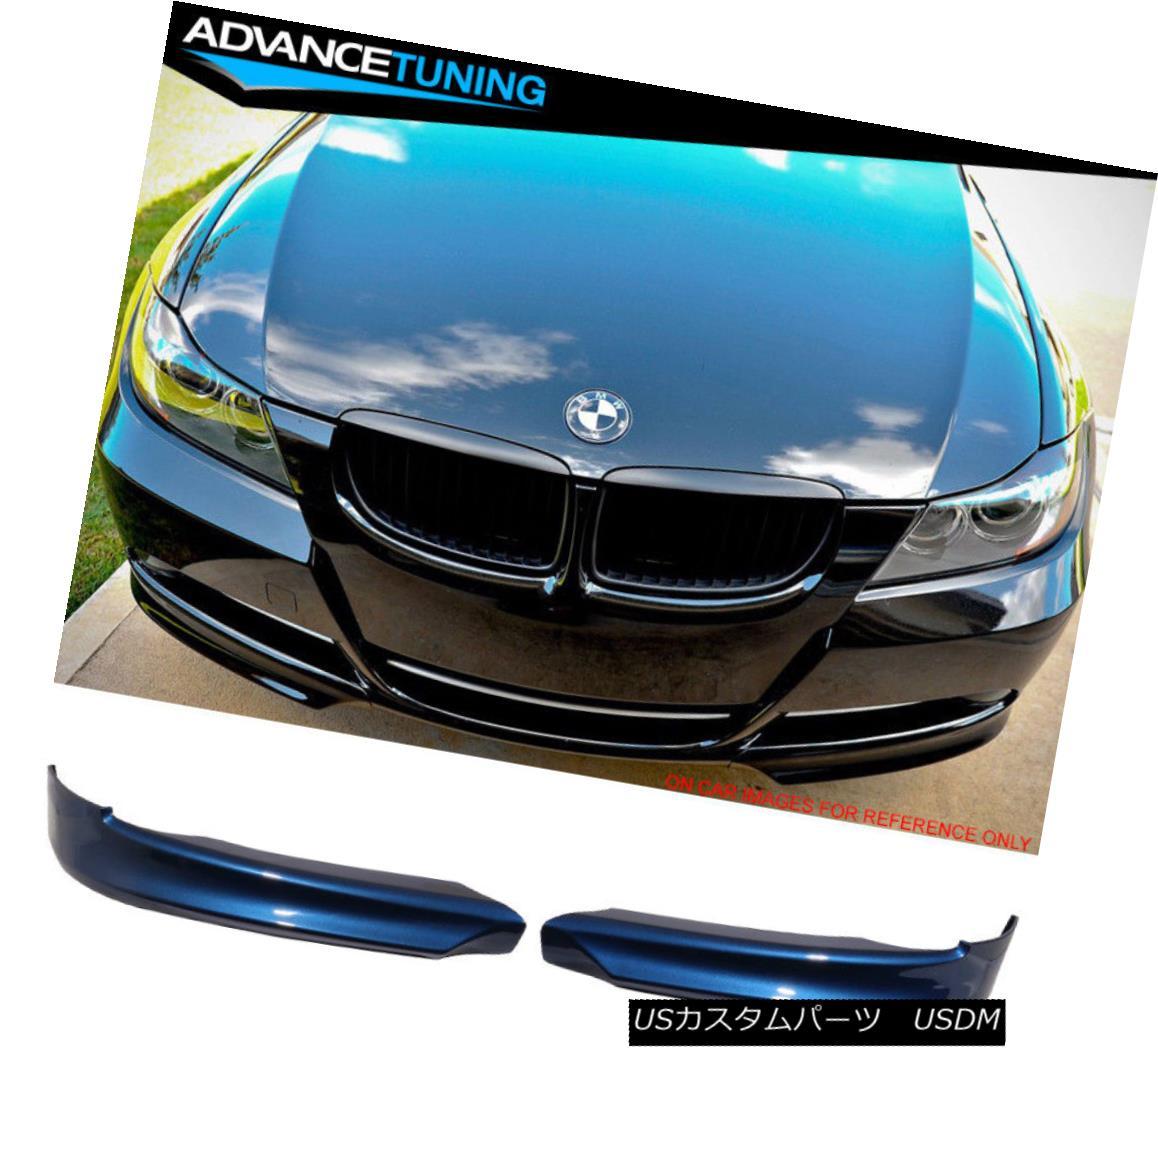 エアロパーツ Fit 06-08 3 Series E90 Front Splitter Lip OEM Painted #A51 Montego Blue Metallic フィット06-08 3シリーズE90フロントスプリッターリップOEM塗装#A51モンテゴブルーメタリック